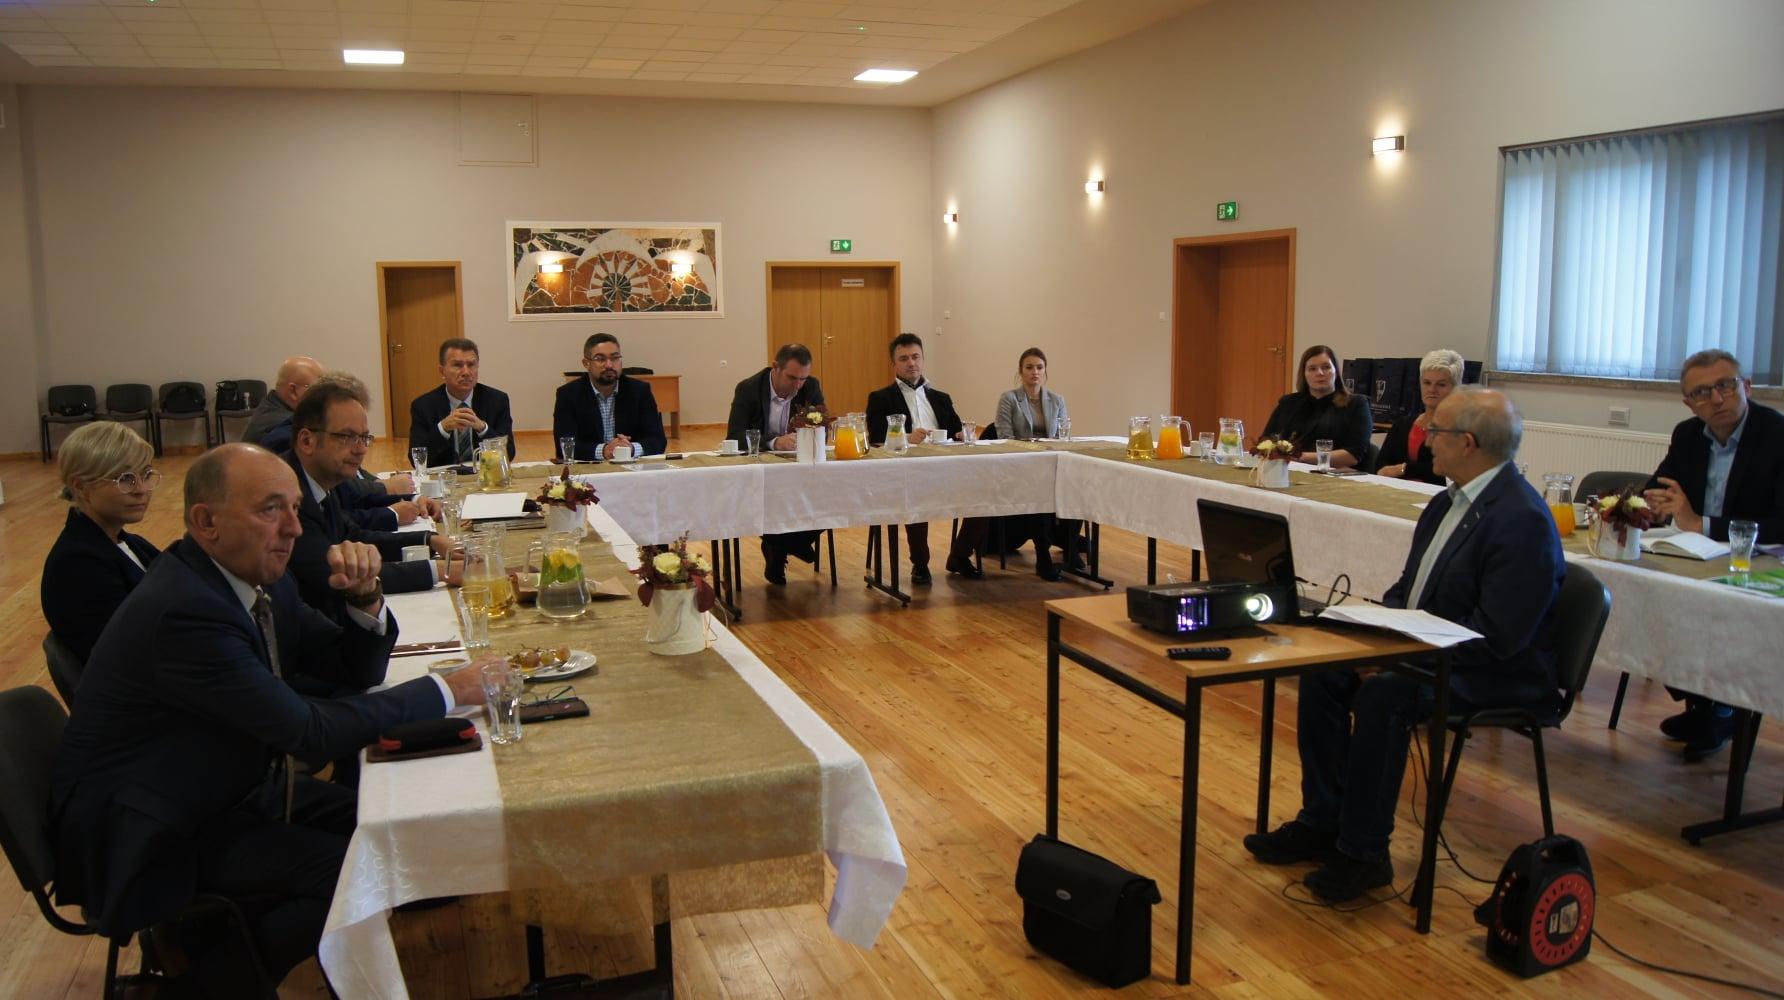 Ilustracja do informacji: Spotkanie grupy LGD KOLD